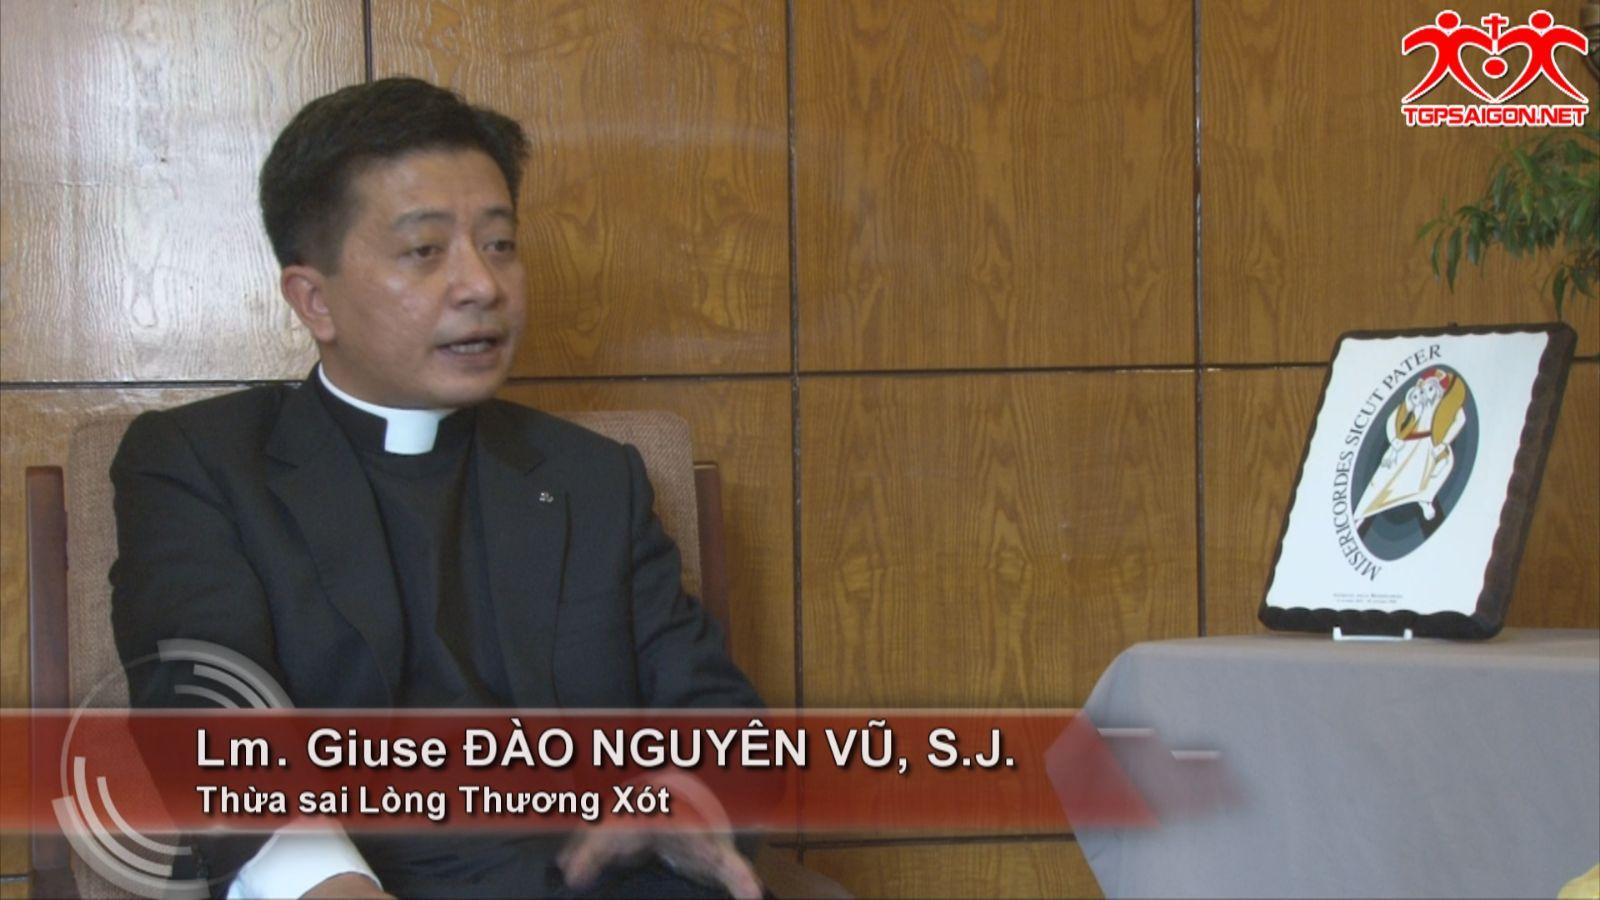 PV Lm. Đào Nguyên Vũ - Thừa sai lòng Thương Xót